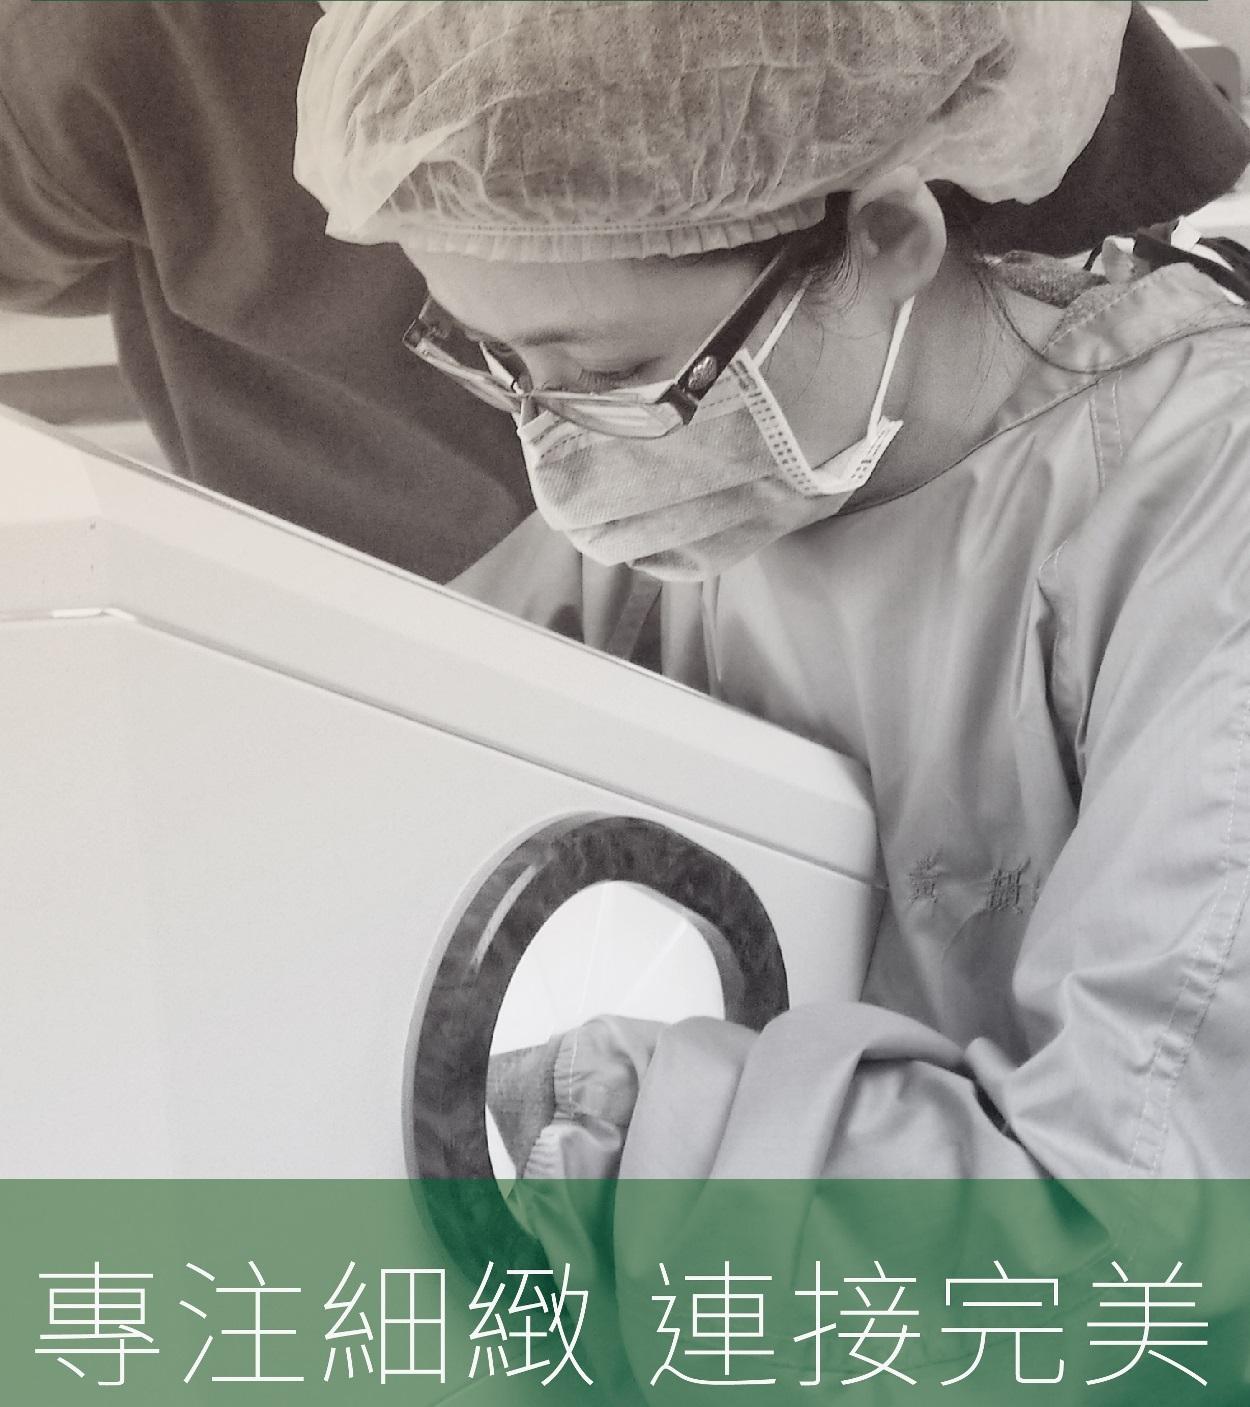 桃園中壢當代牙醫全口重建暨植牙中心 專注細緻 連接完美 專科醫師協同治療